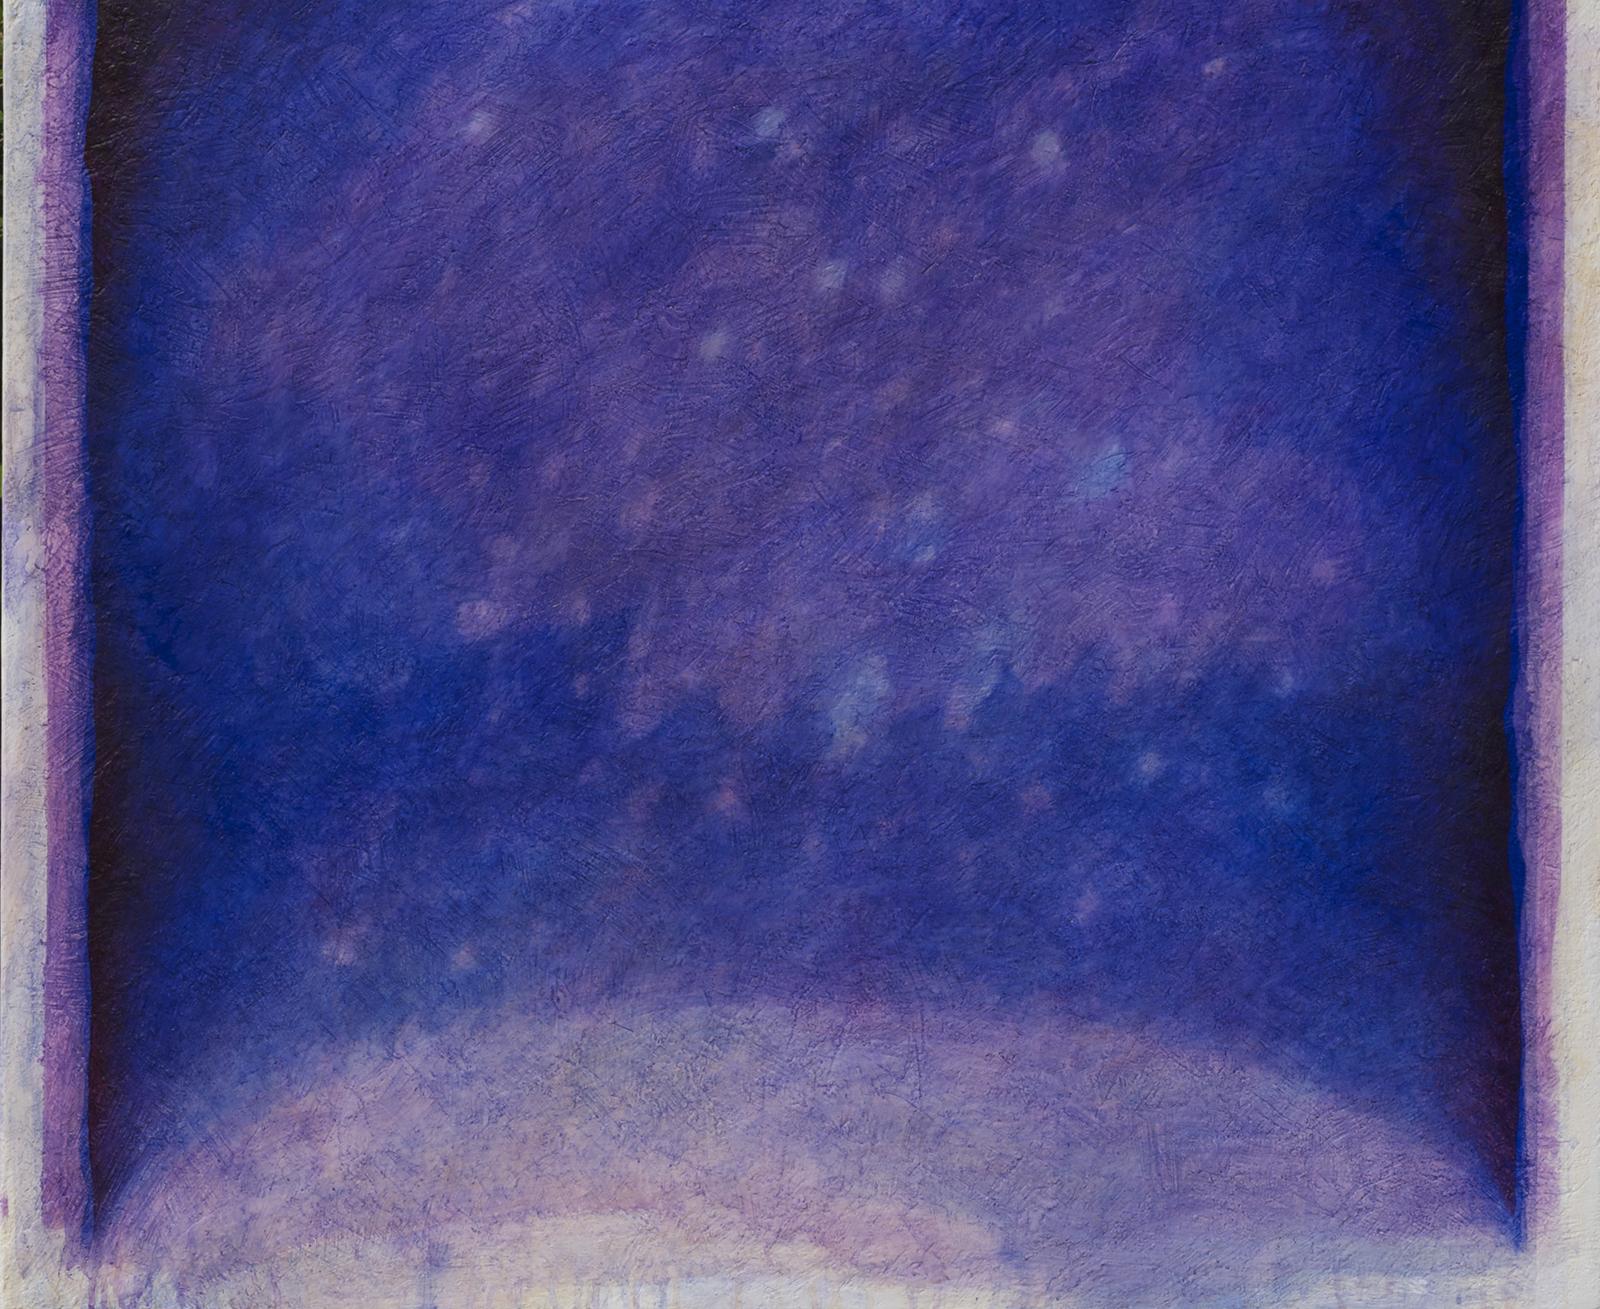 Nella radura 1, 2011, acrilico e olio su tela, cm. 100 x 120